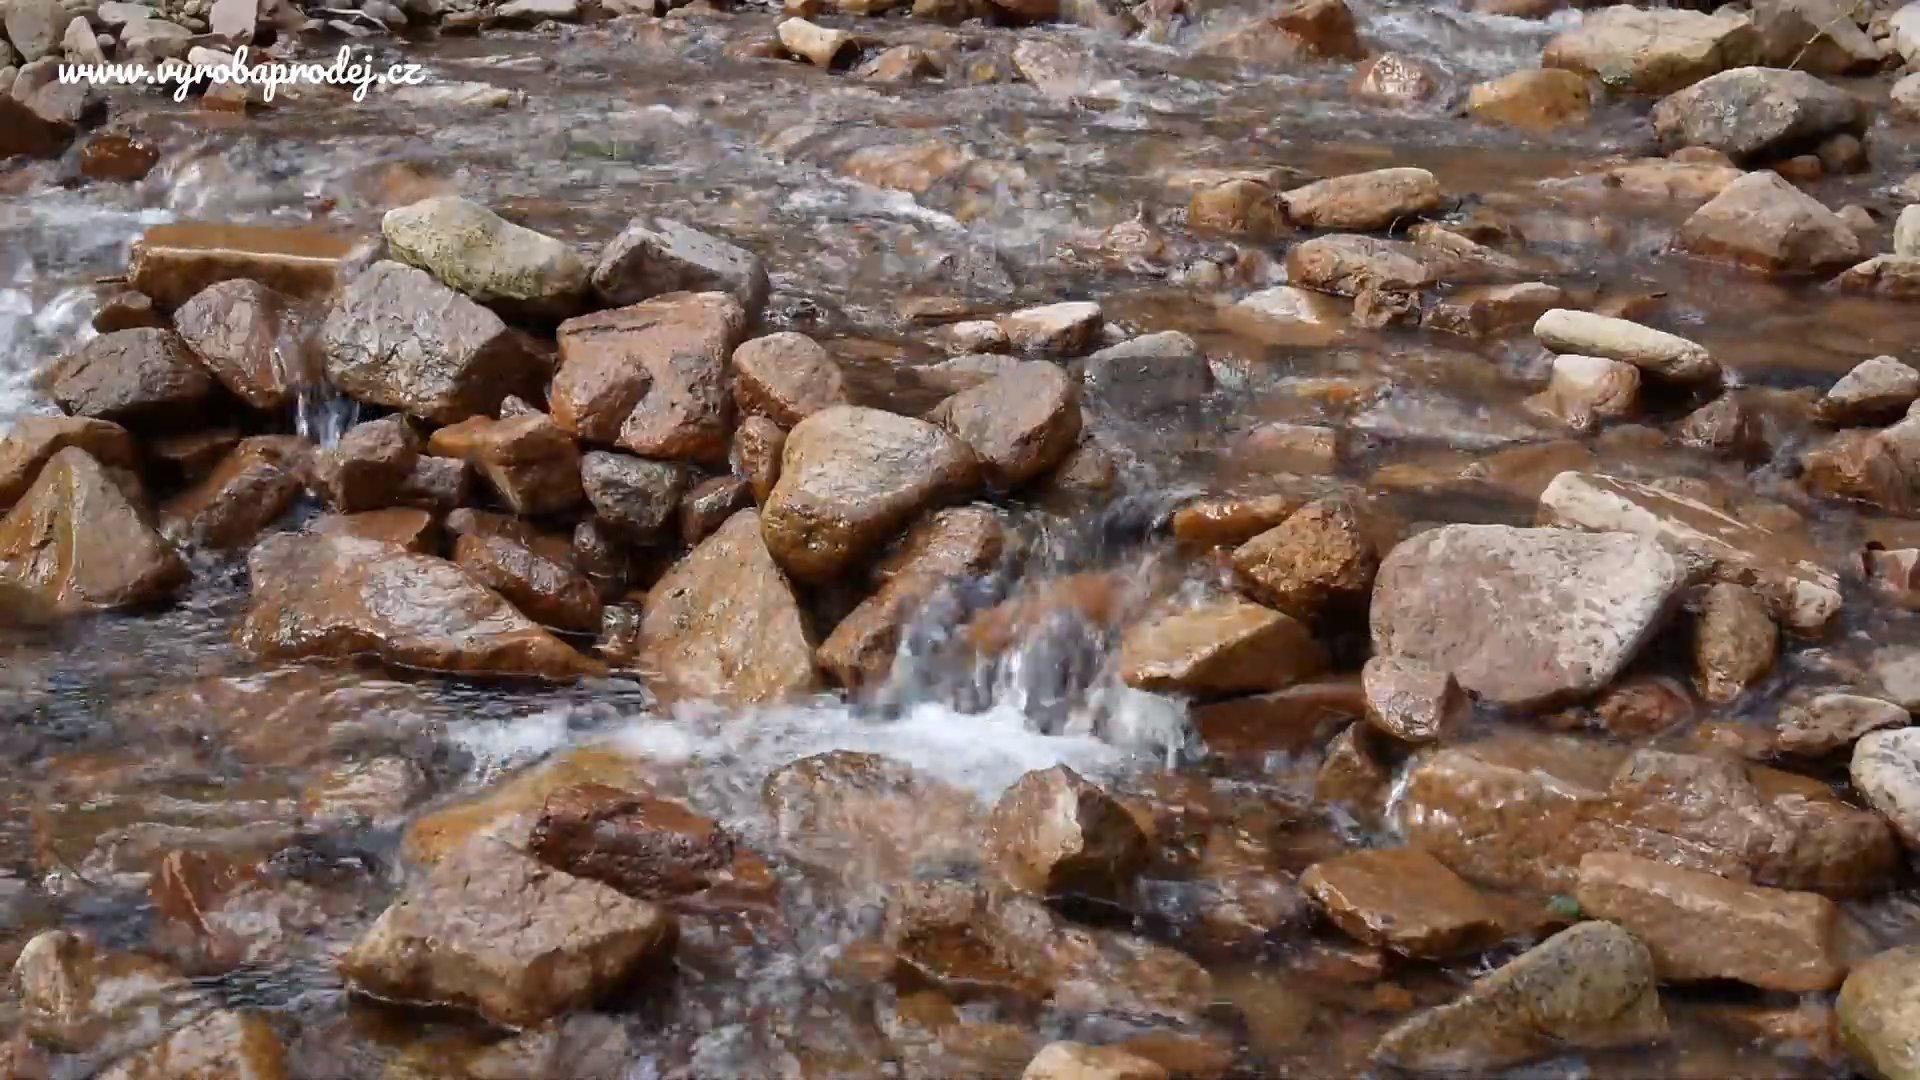 Relaxace v přírodě - Potok v Dubí